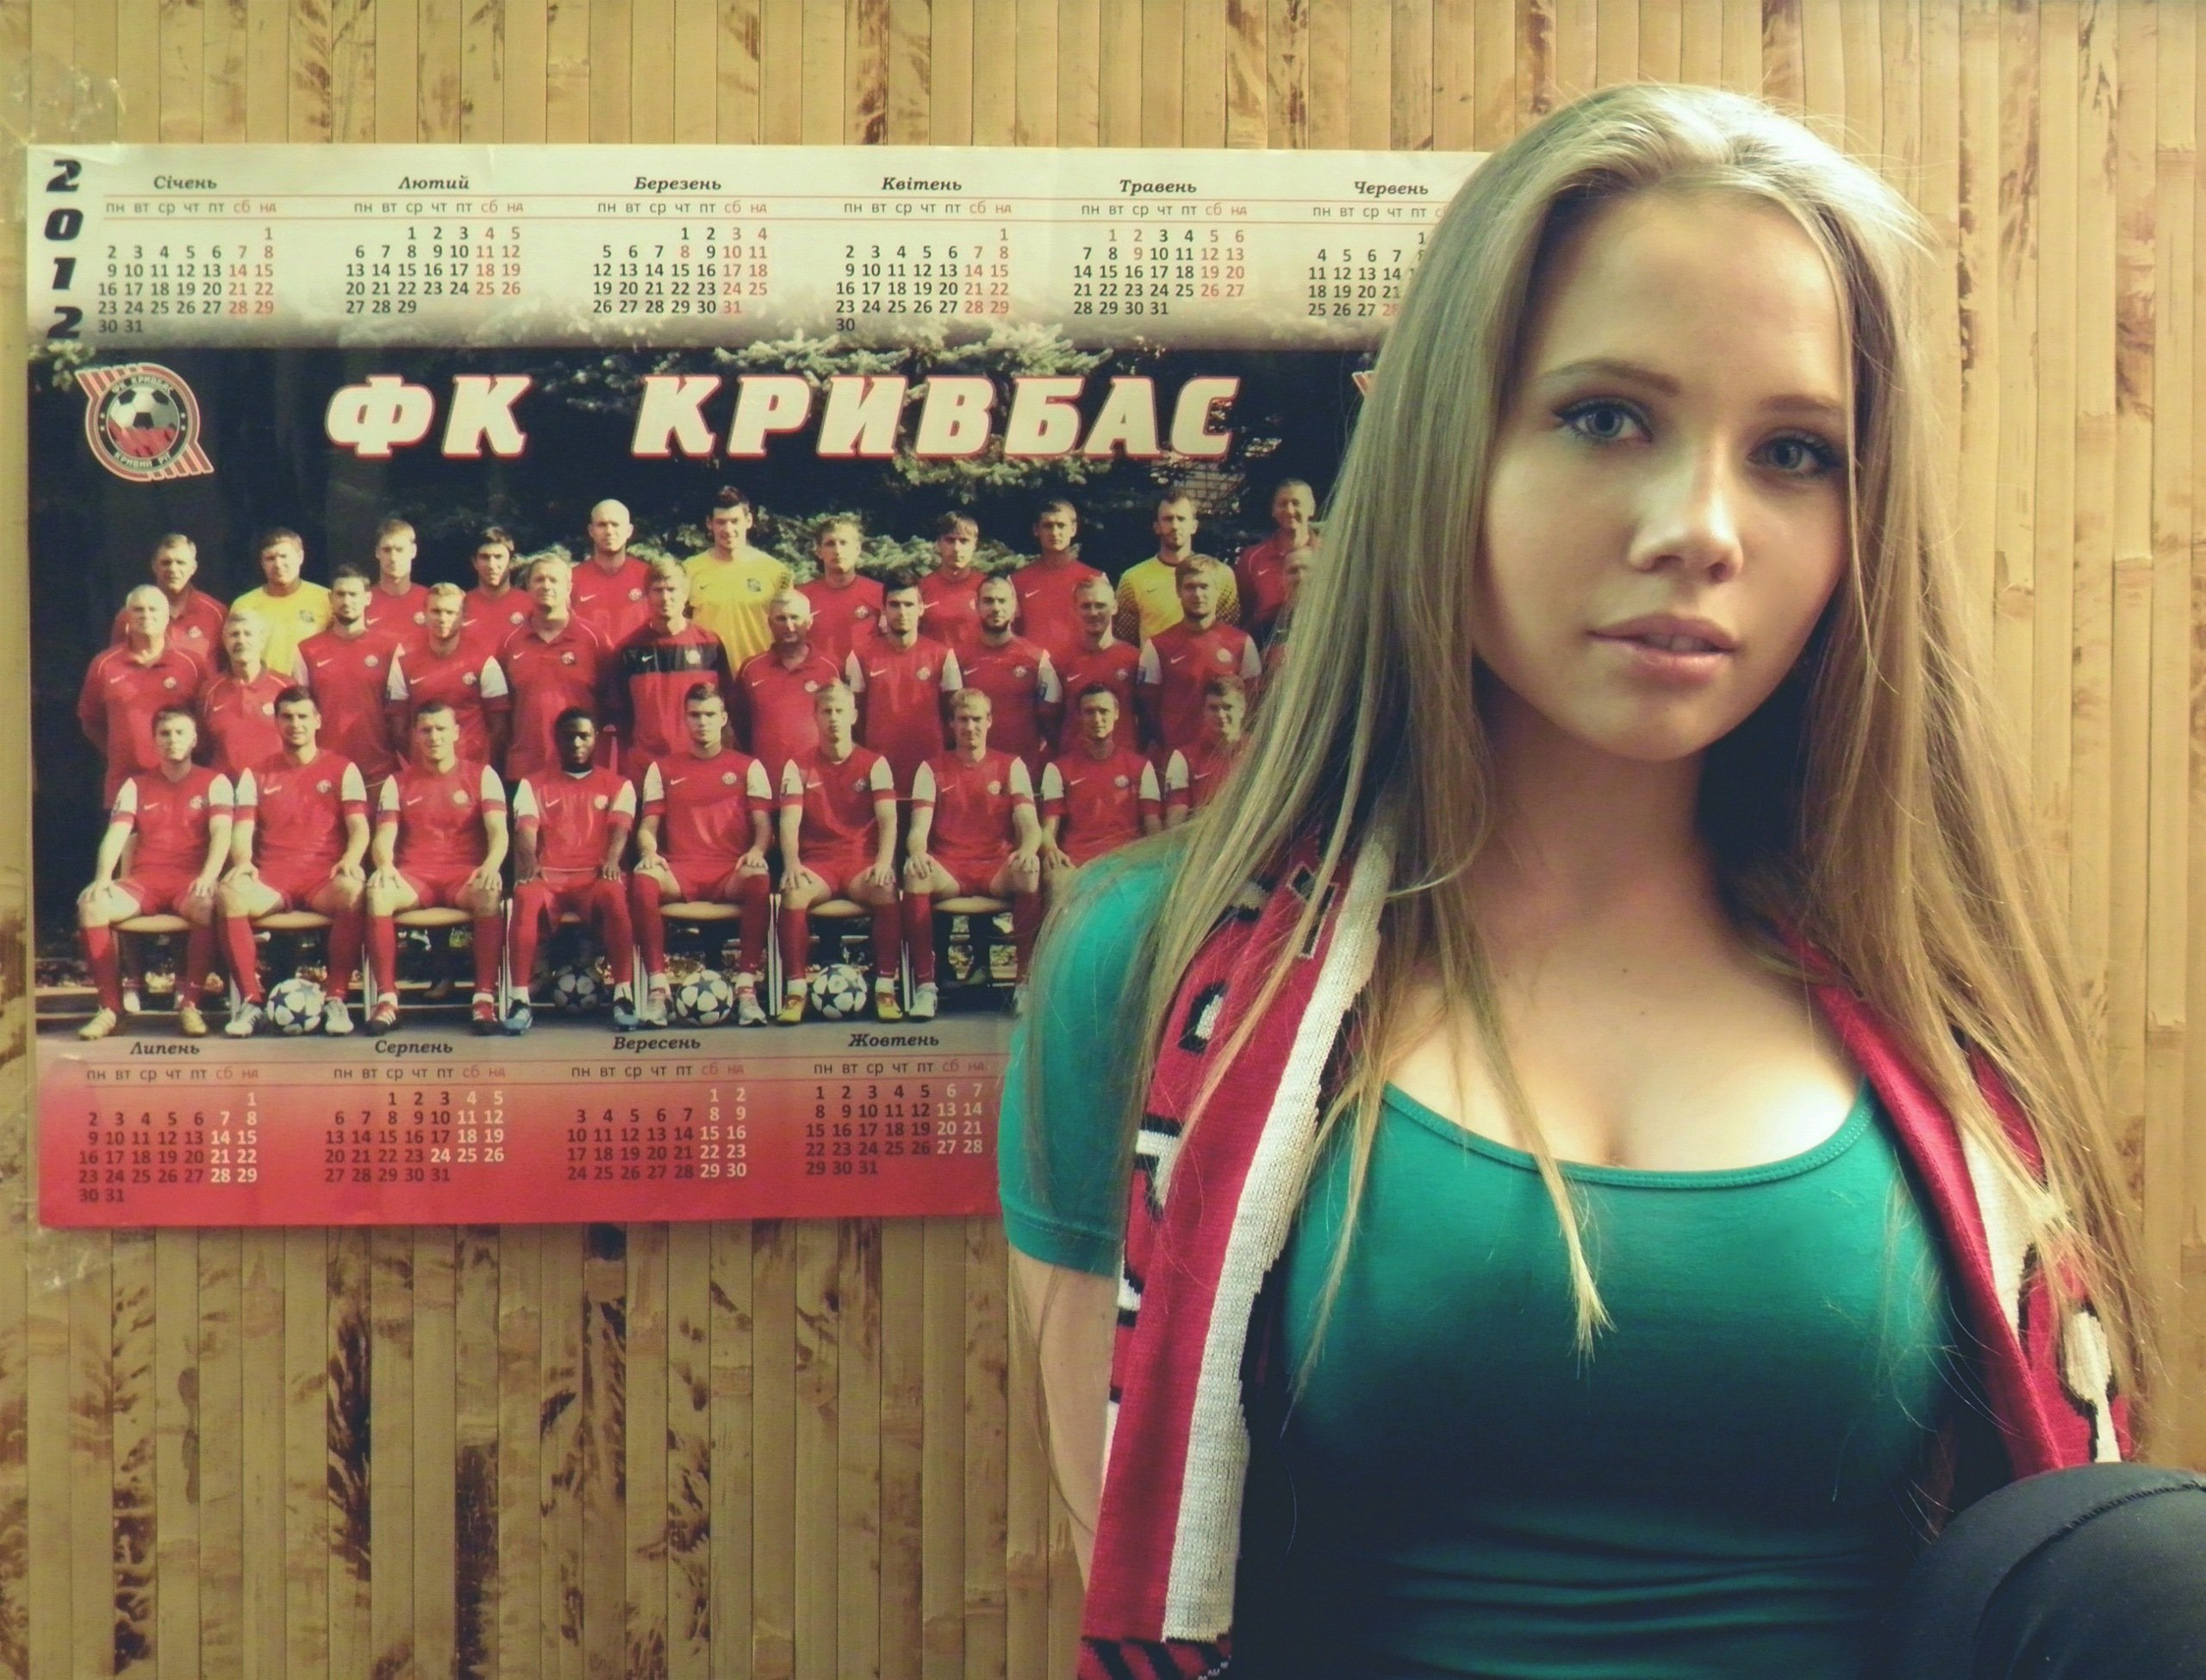 Украинская девушка у вудманом 15 фотография